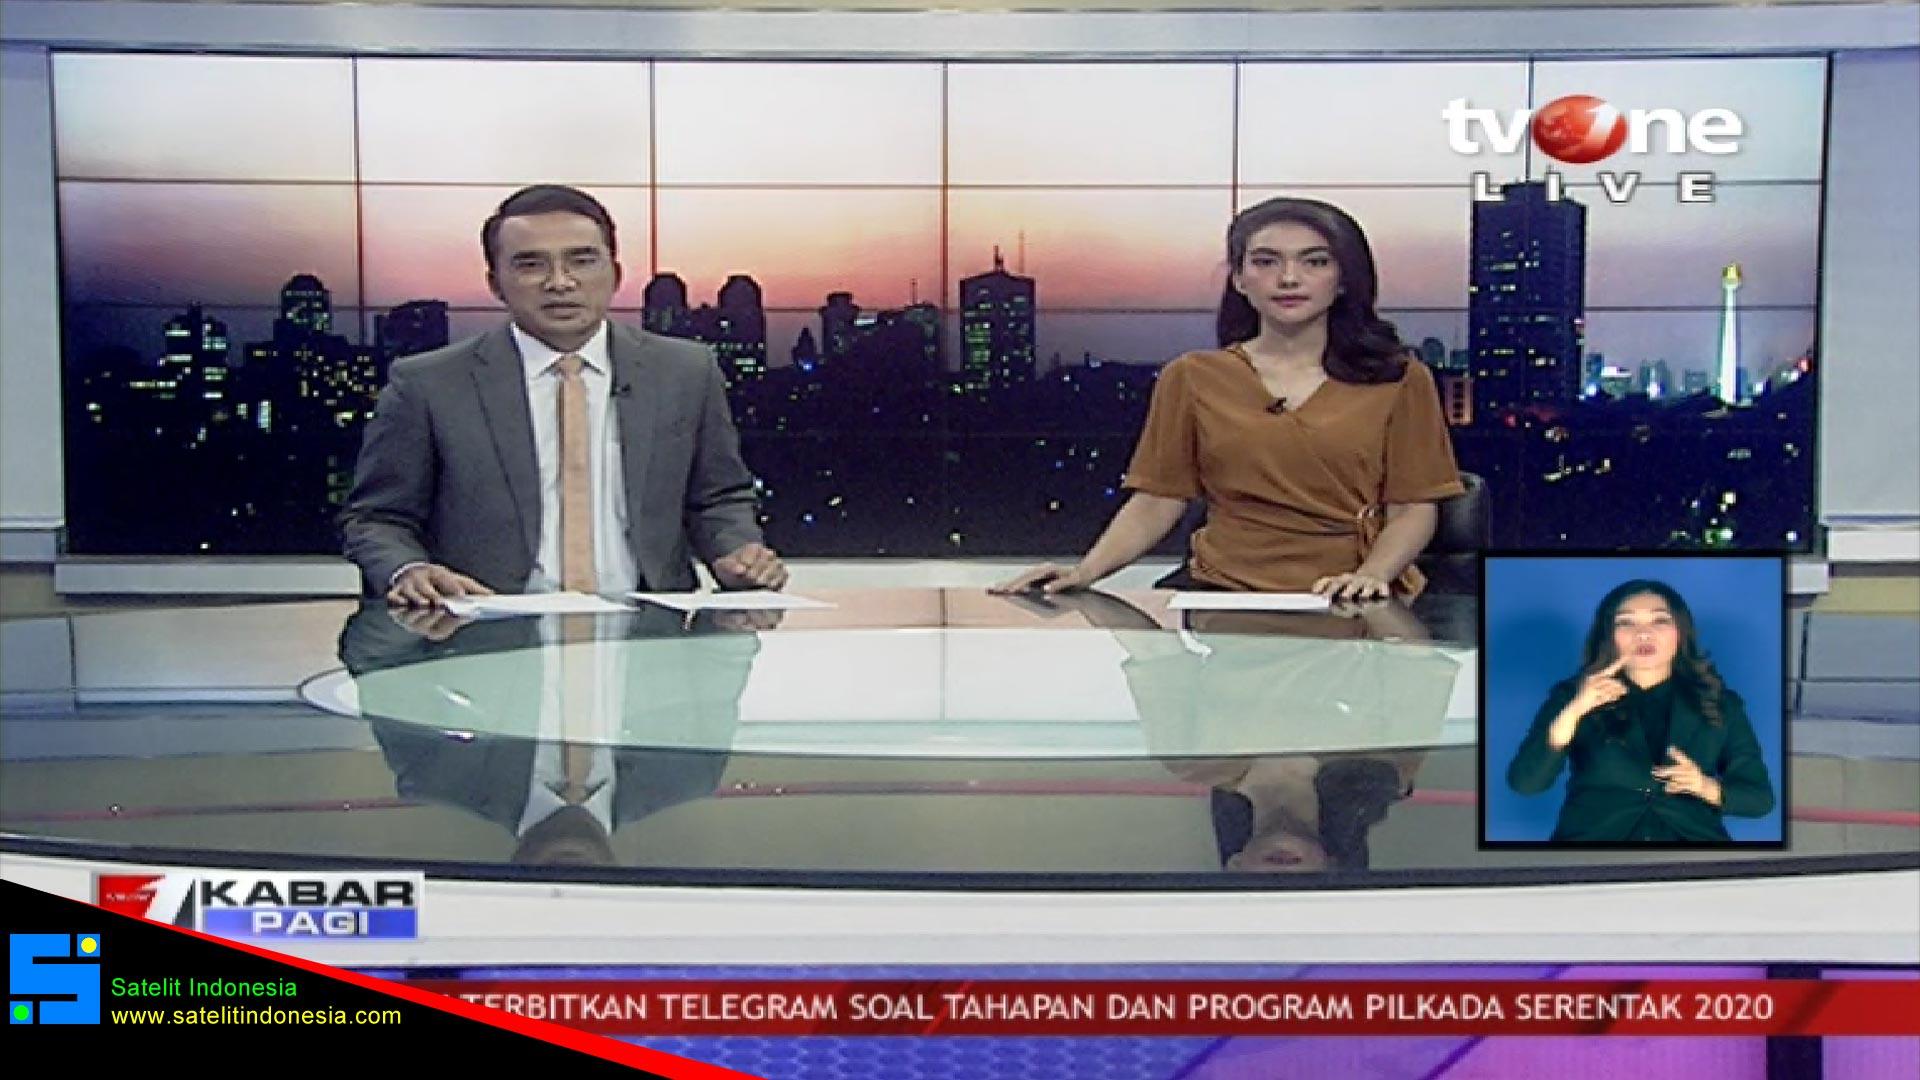 Frekuensi siaran TV One di satelit Telkom 4 Terbaru